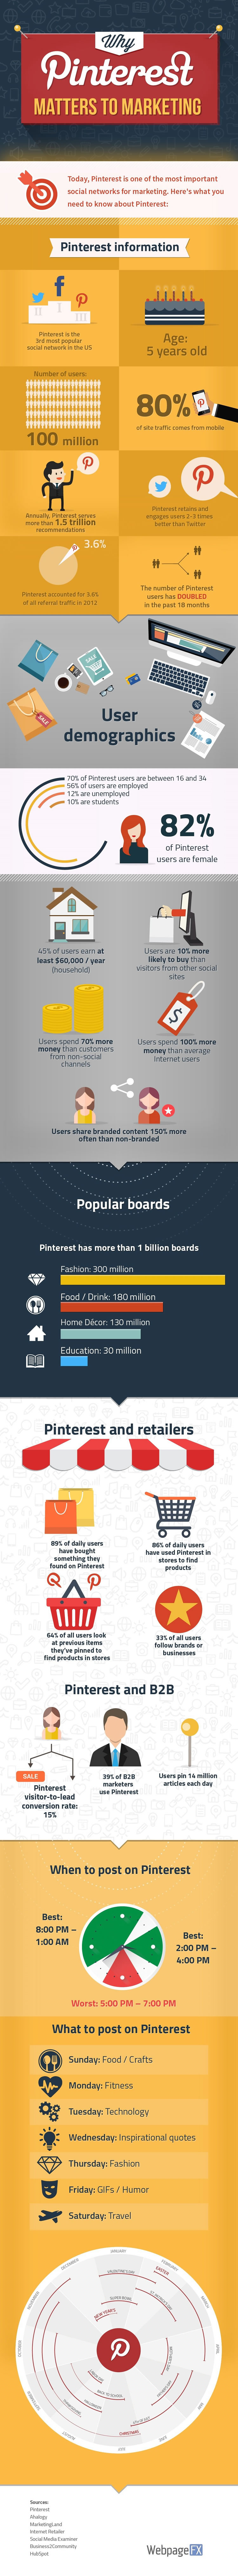 Pinterest_dati_infografica